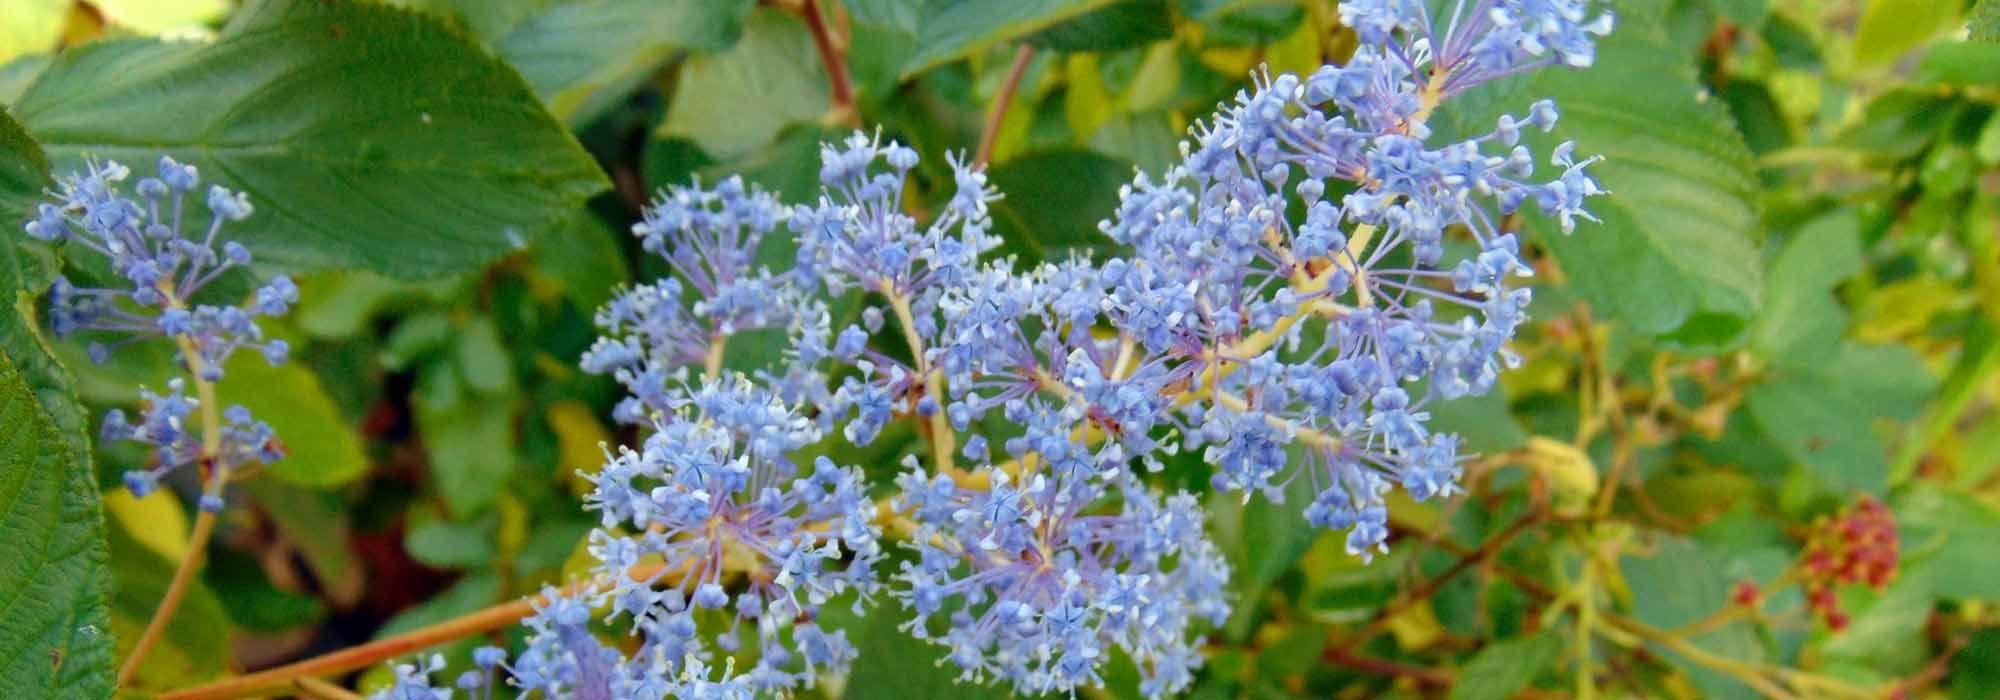 Arbuste Fleuri Feuillage Persistant céanothe, lilas de californie : plantation, entretien